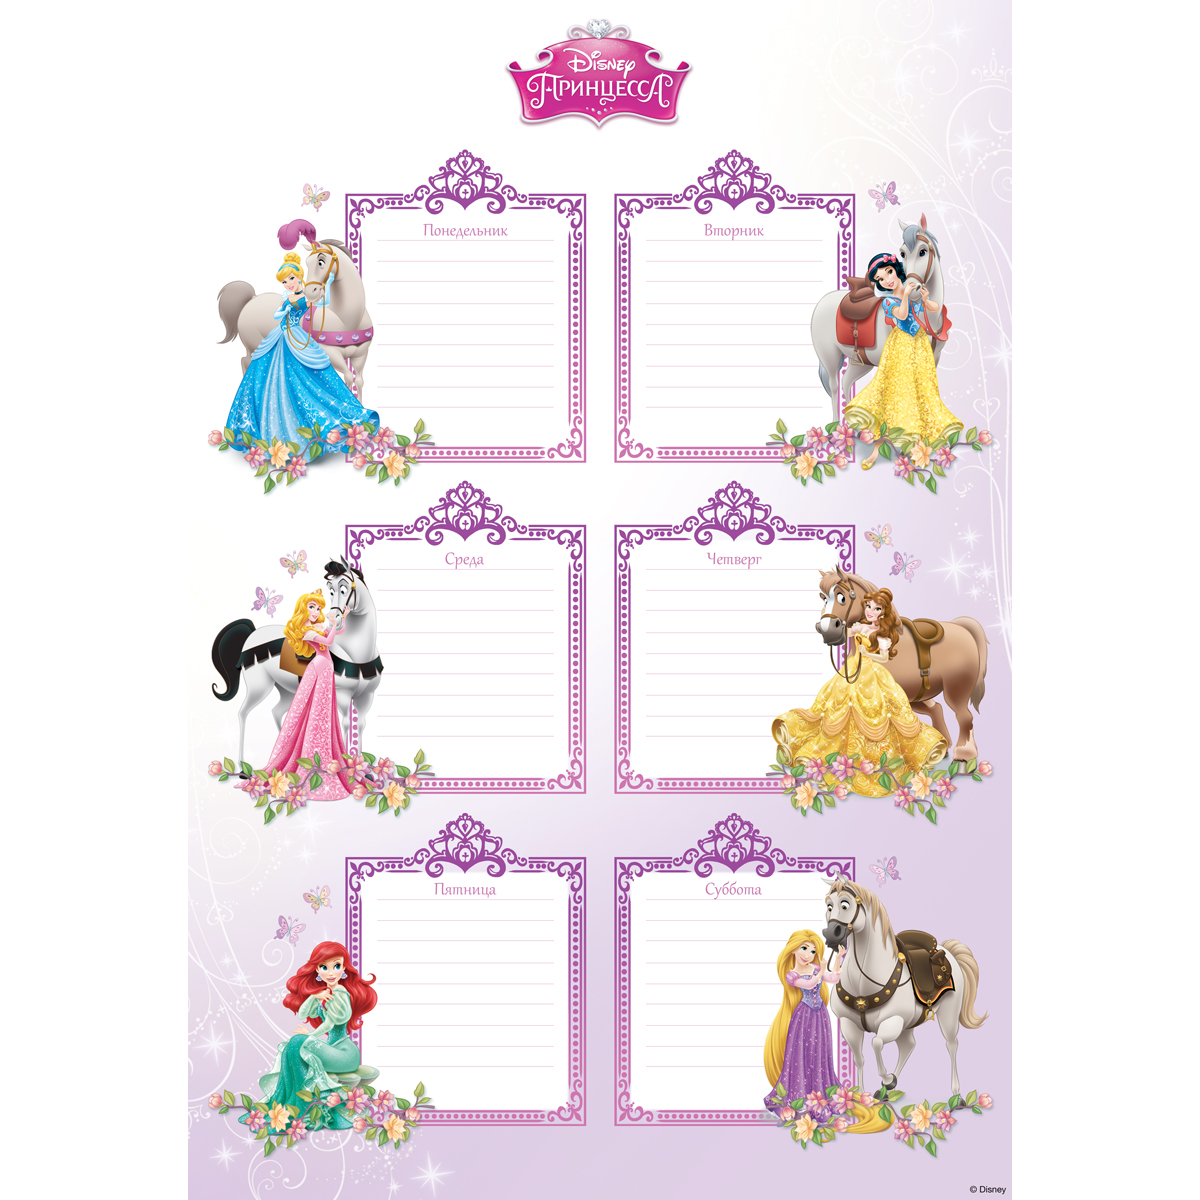 Decoretto Наклейка Школьное расписание Мир принцесс decoretto виниловая наклейка комнатное растение